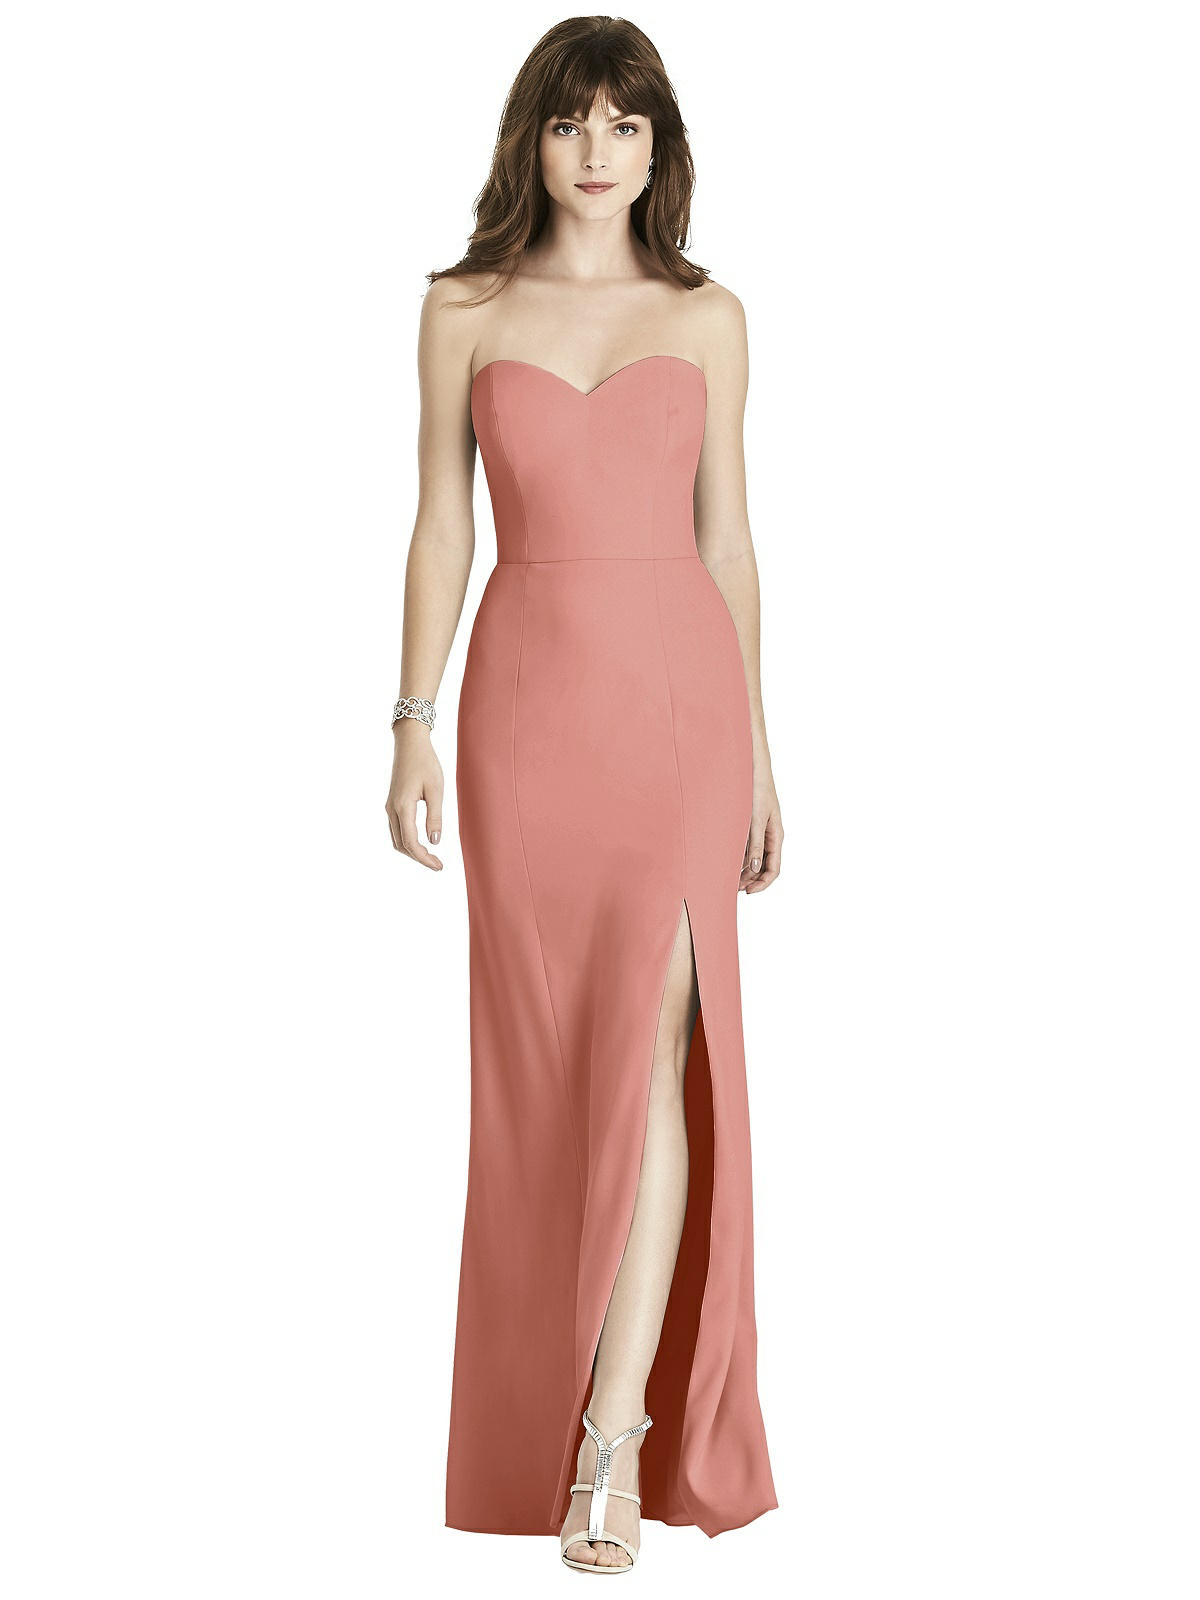 6a17a310c96 Home · Bridesmaid Dresses · After Six Bridesmaid Dress 6775. ○  ○